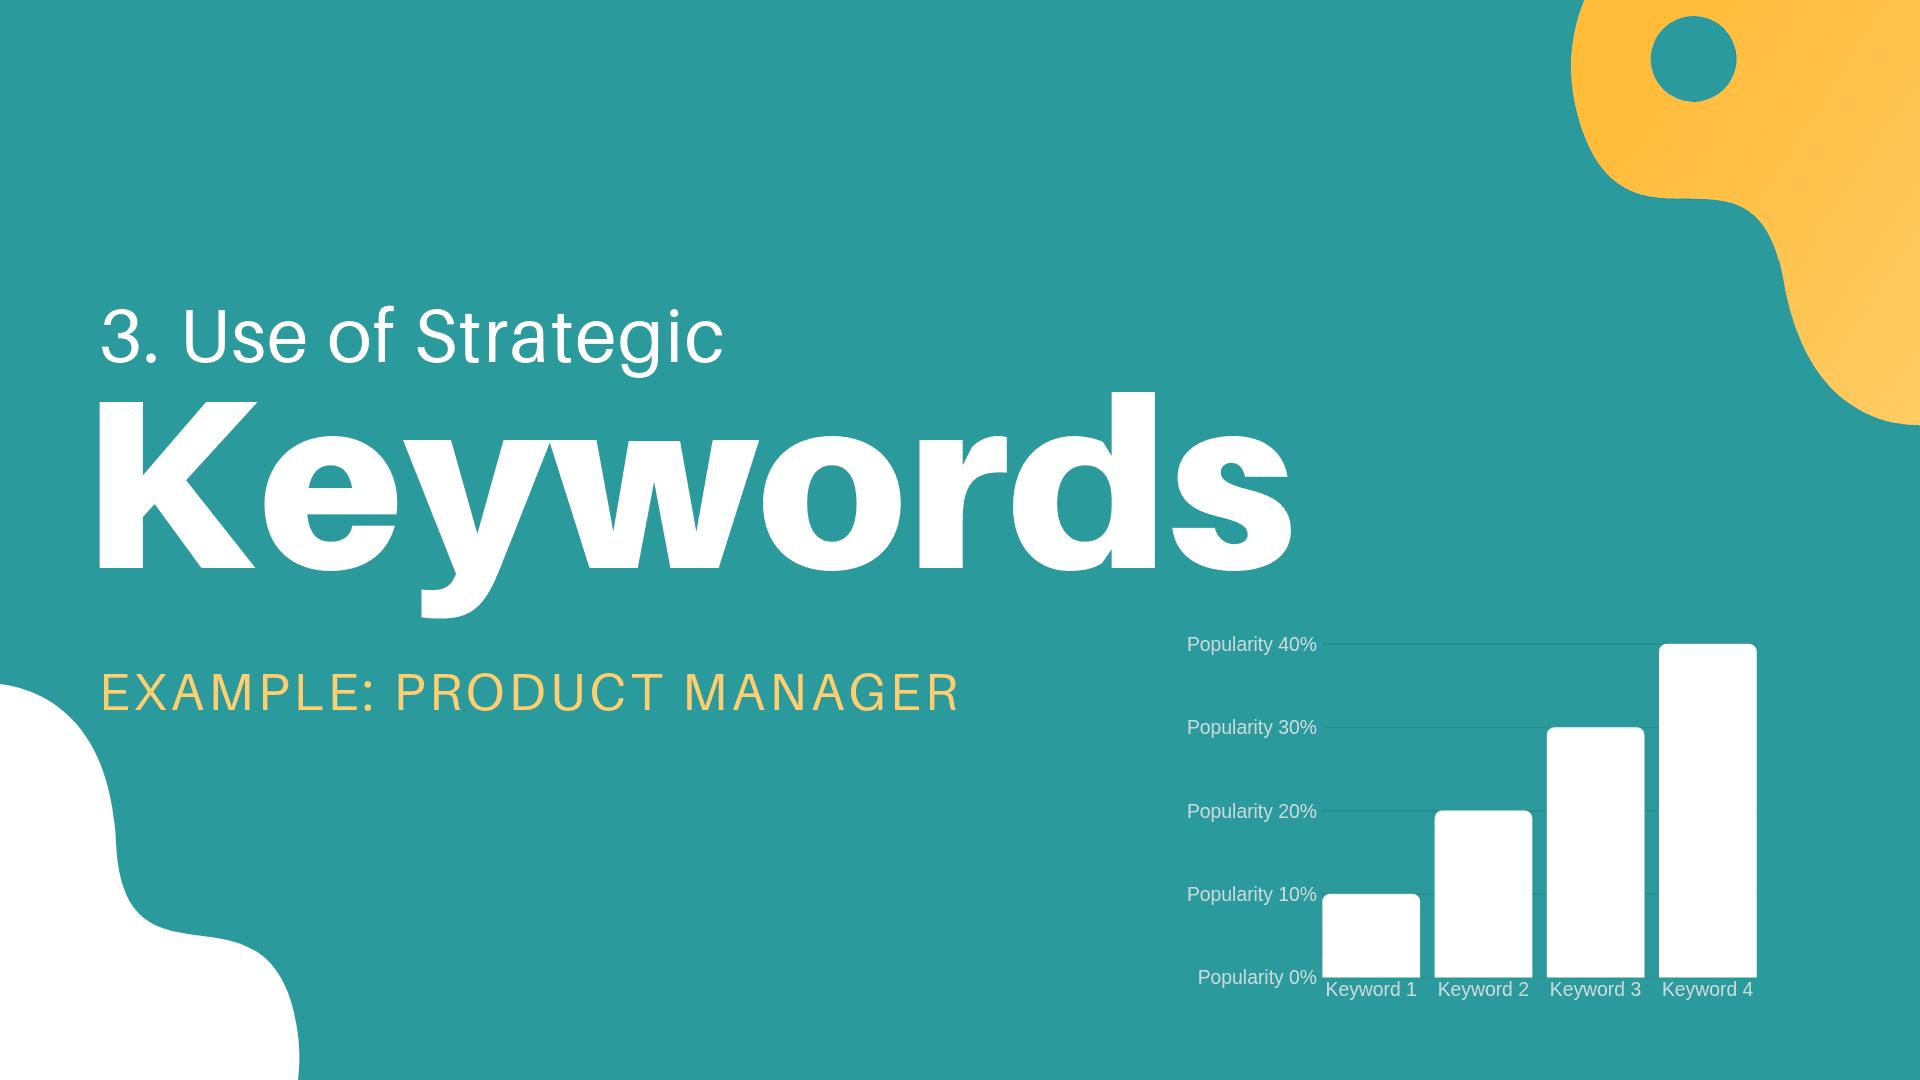 Job description keywords